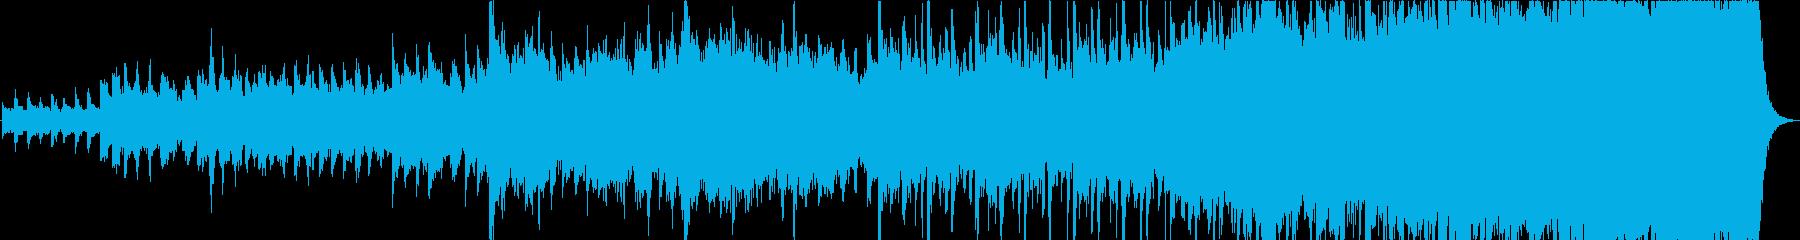 エピック・インスピレーション の再生済みの波形